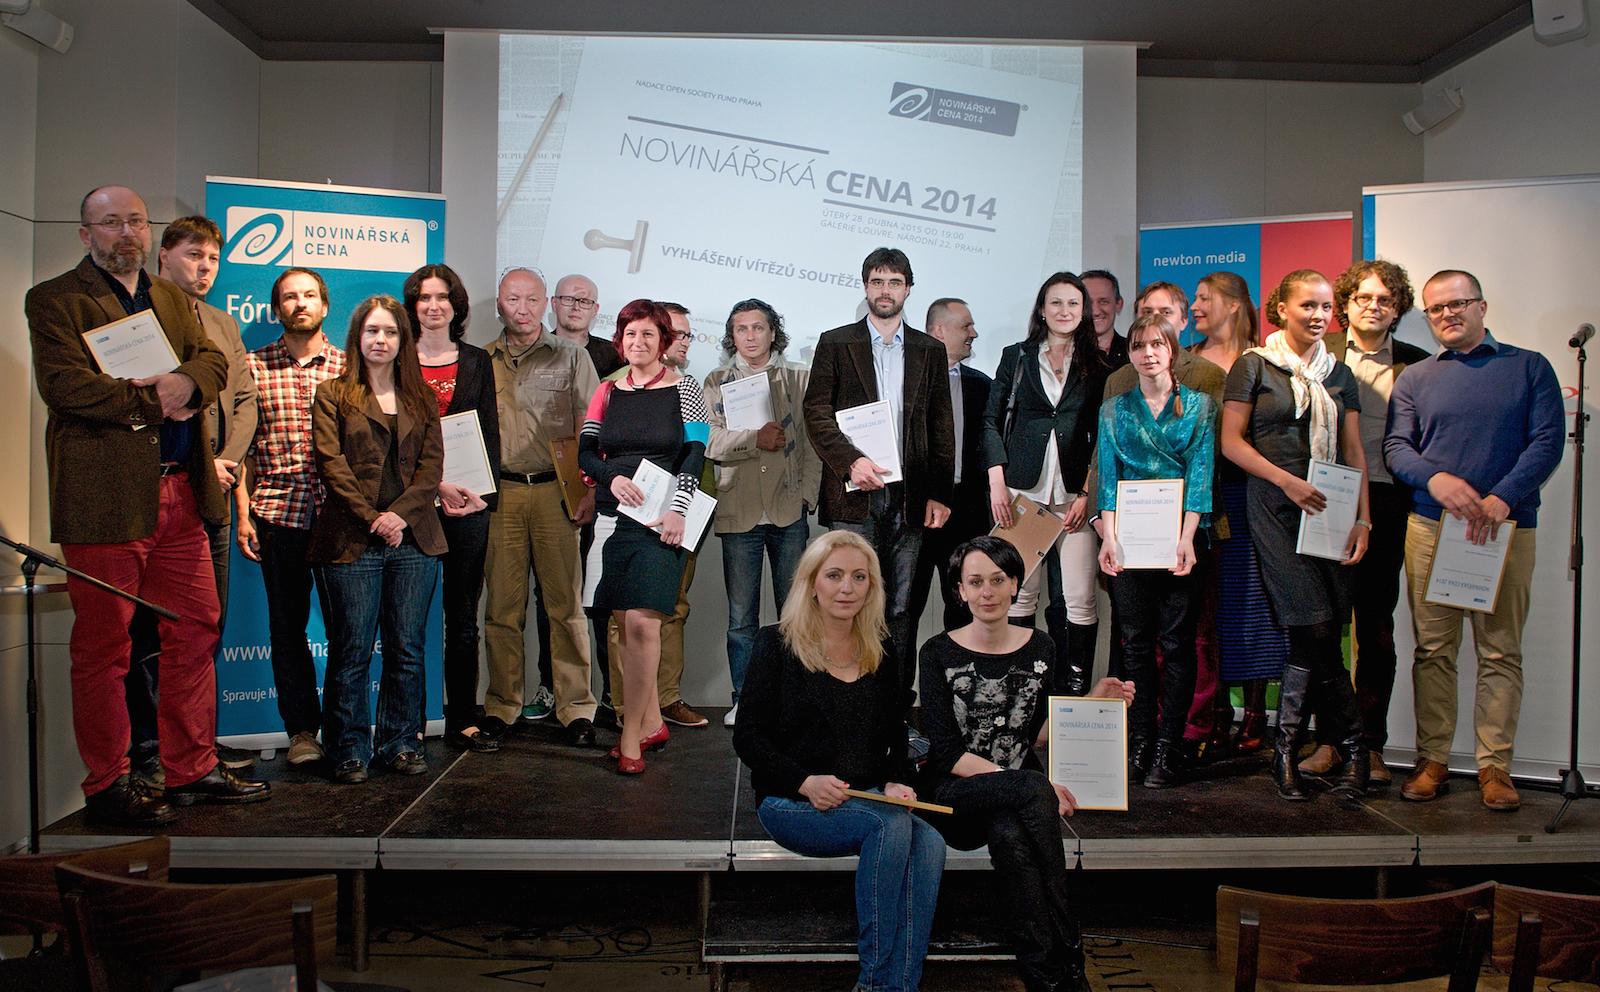 Vítězky a vítězové Novinářské ceny 2014. Foto: Tomáš Vodňanský